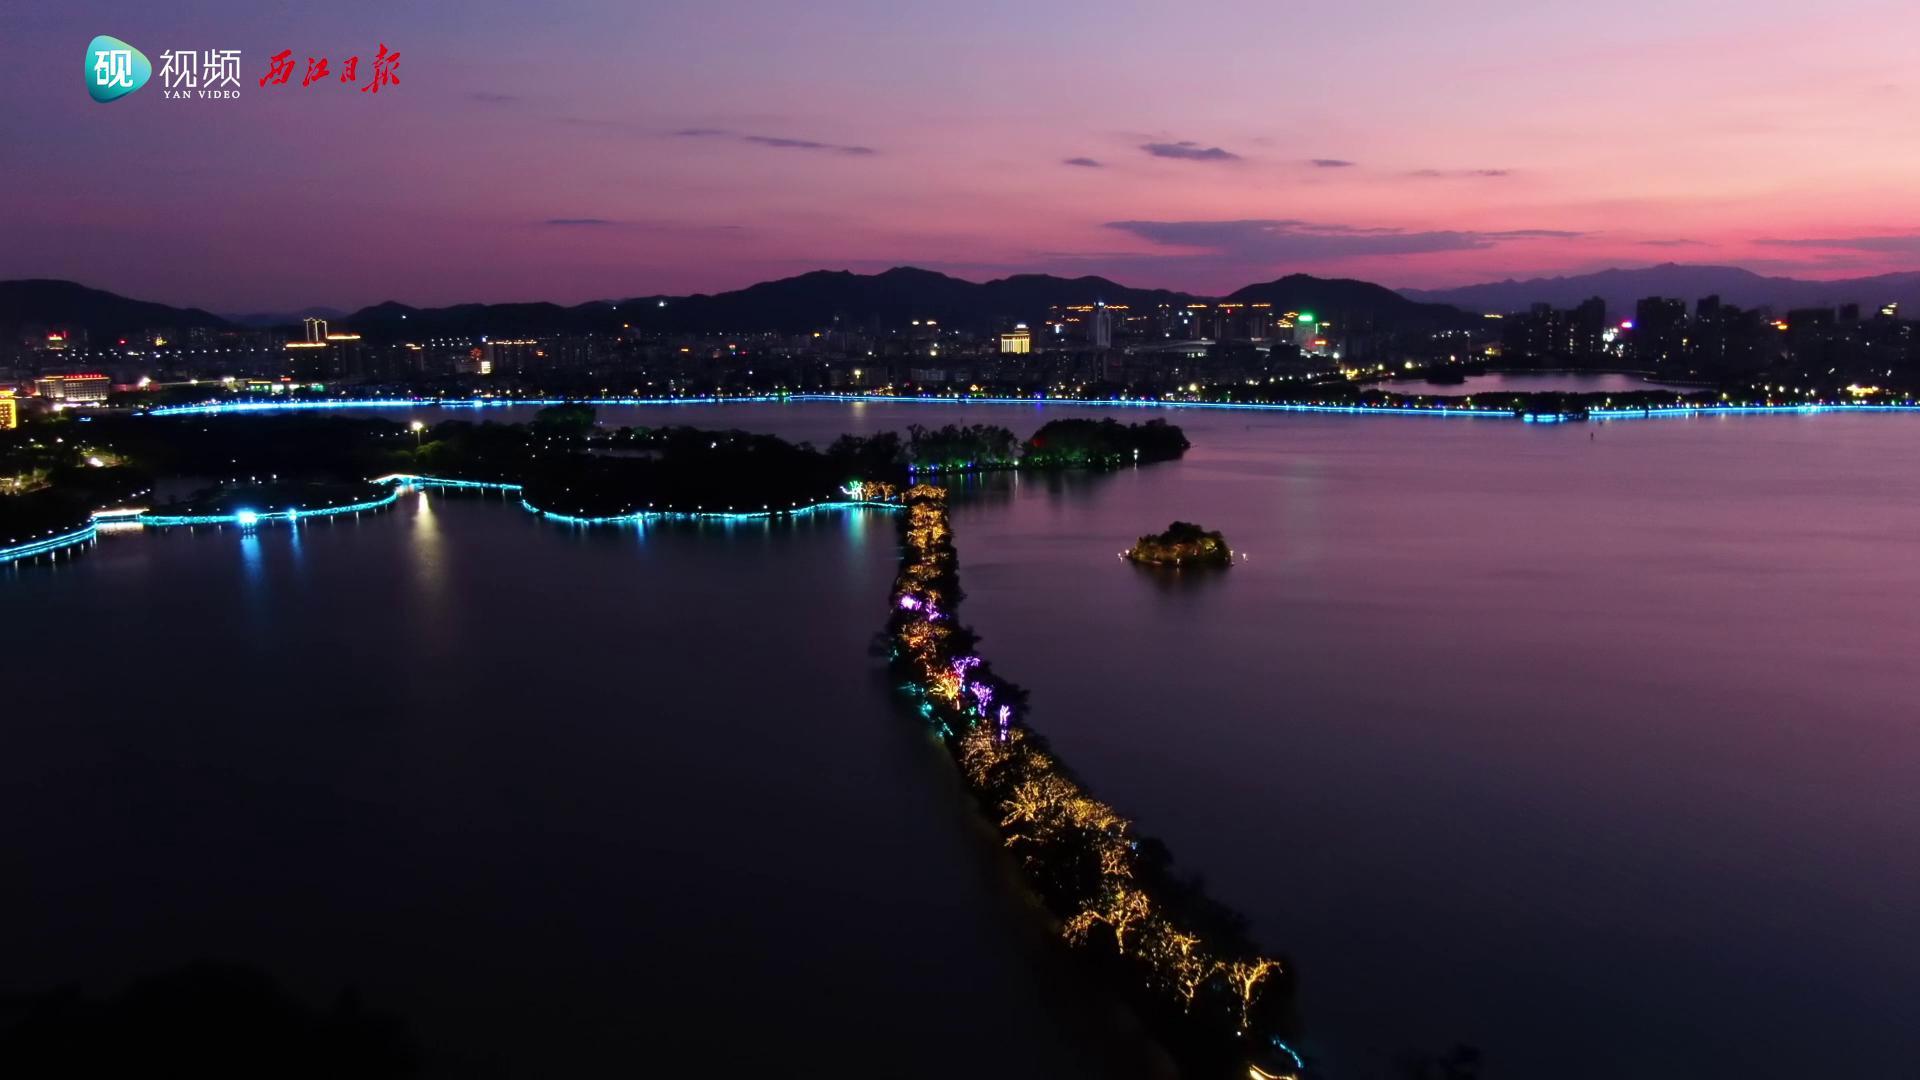 紫霞映照星湖晚